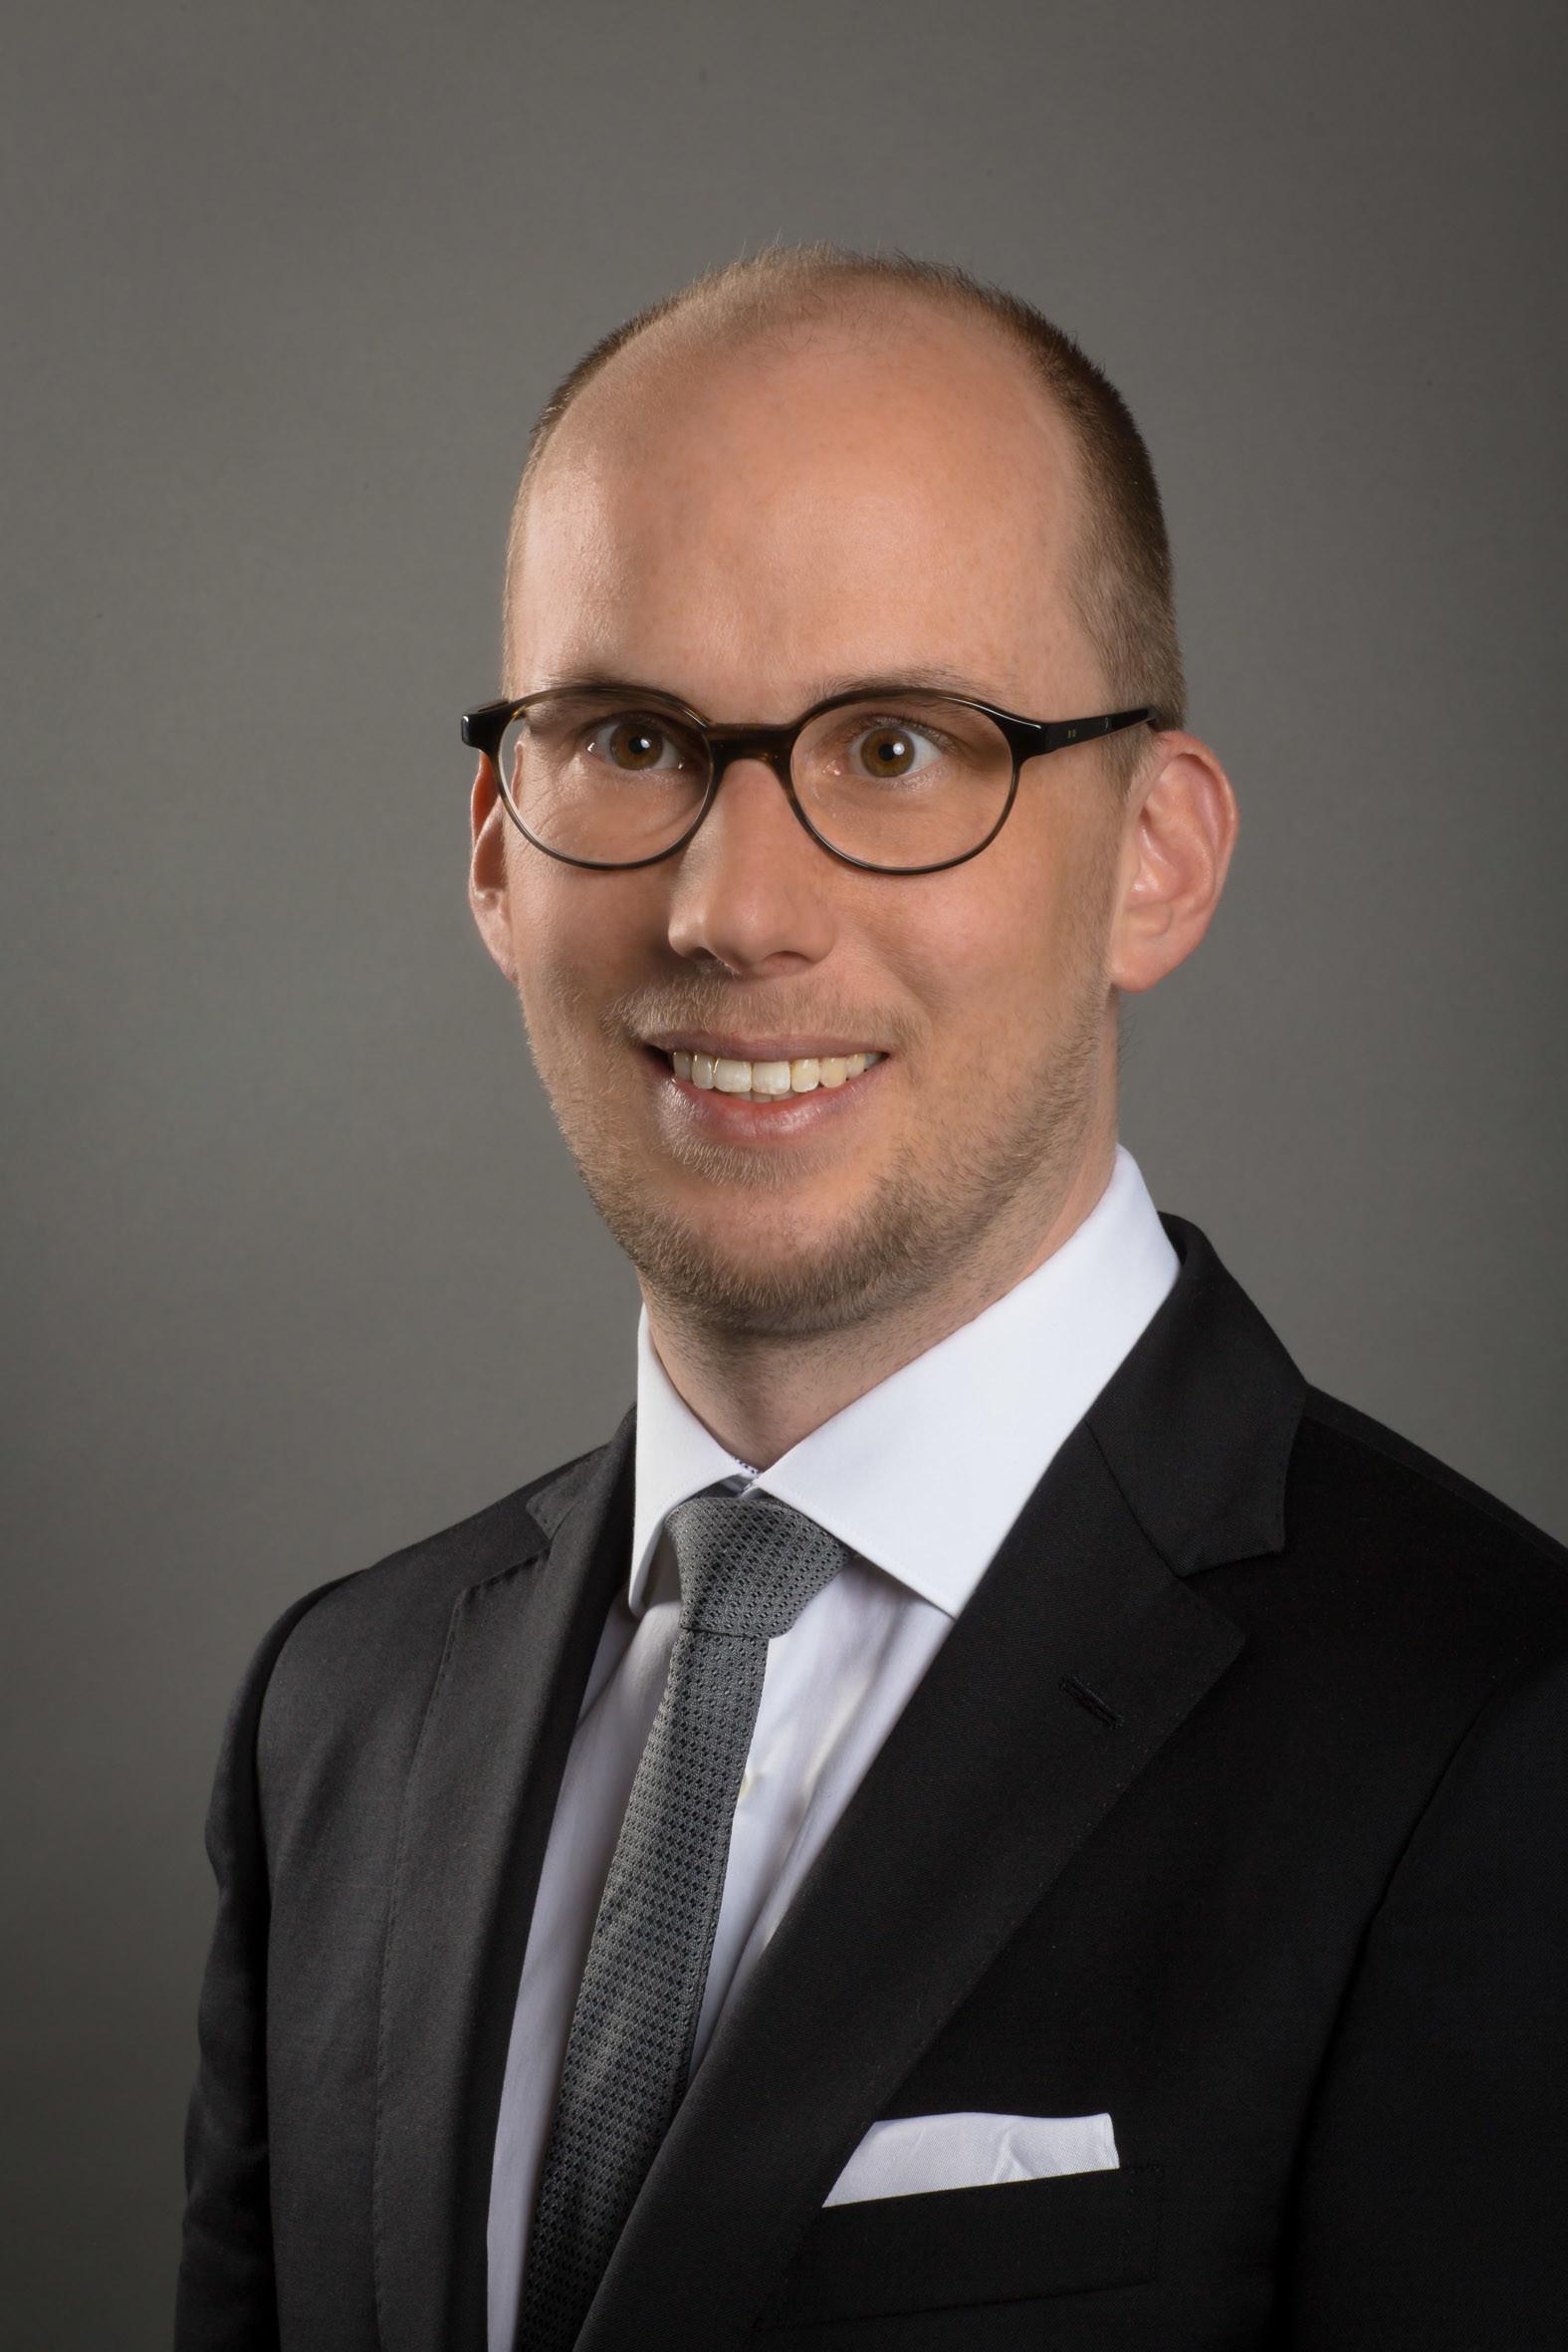 Rechtsanwalt Christian Renger